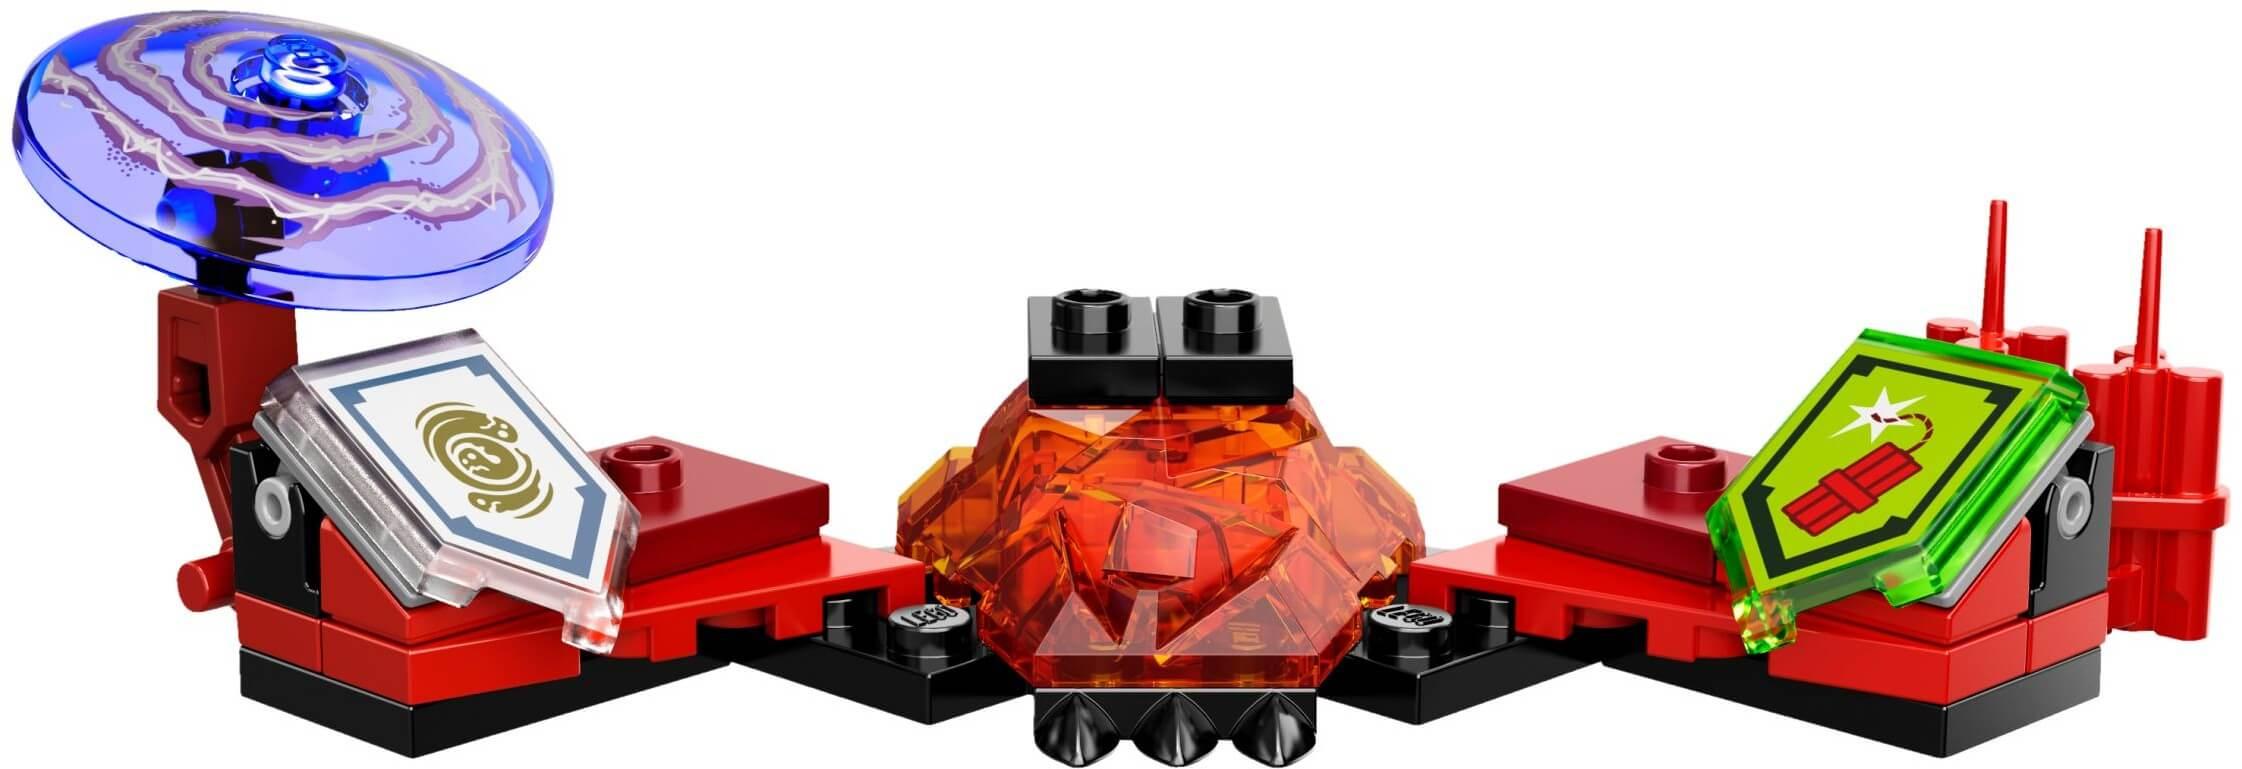 Mua đồ chơi LEGO 70334 - LEGO Nexo Knights 70334 - Chúa tể Thú hùng mạnh (LEGO Nexo Knights Ultimate Beast Master 70334)